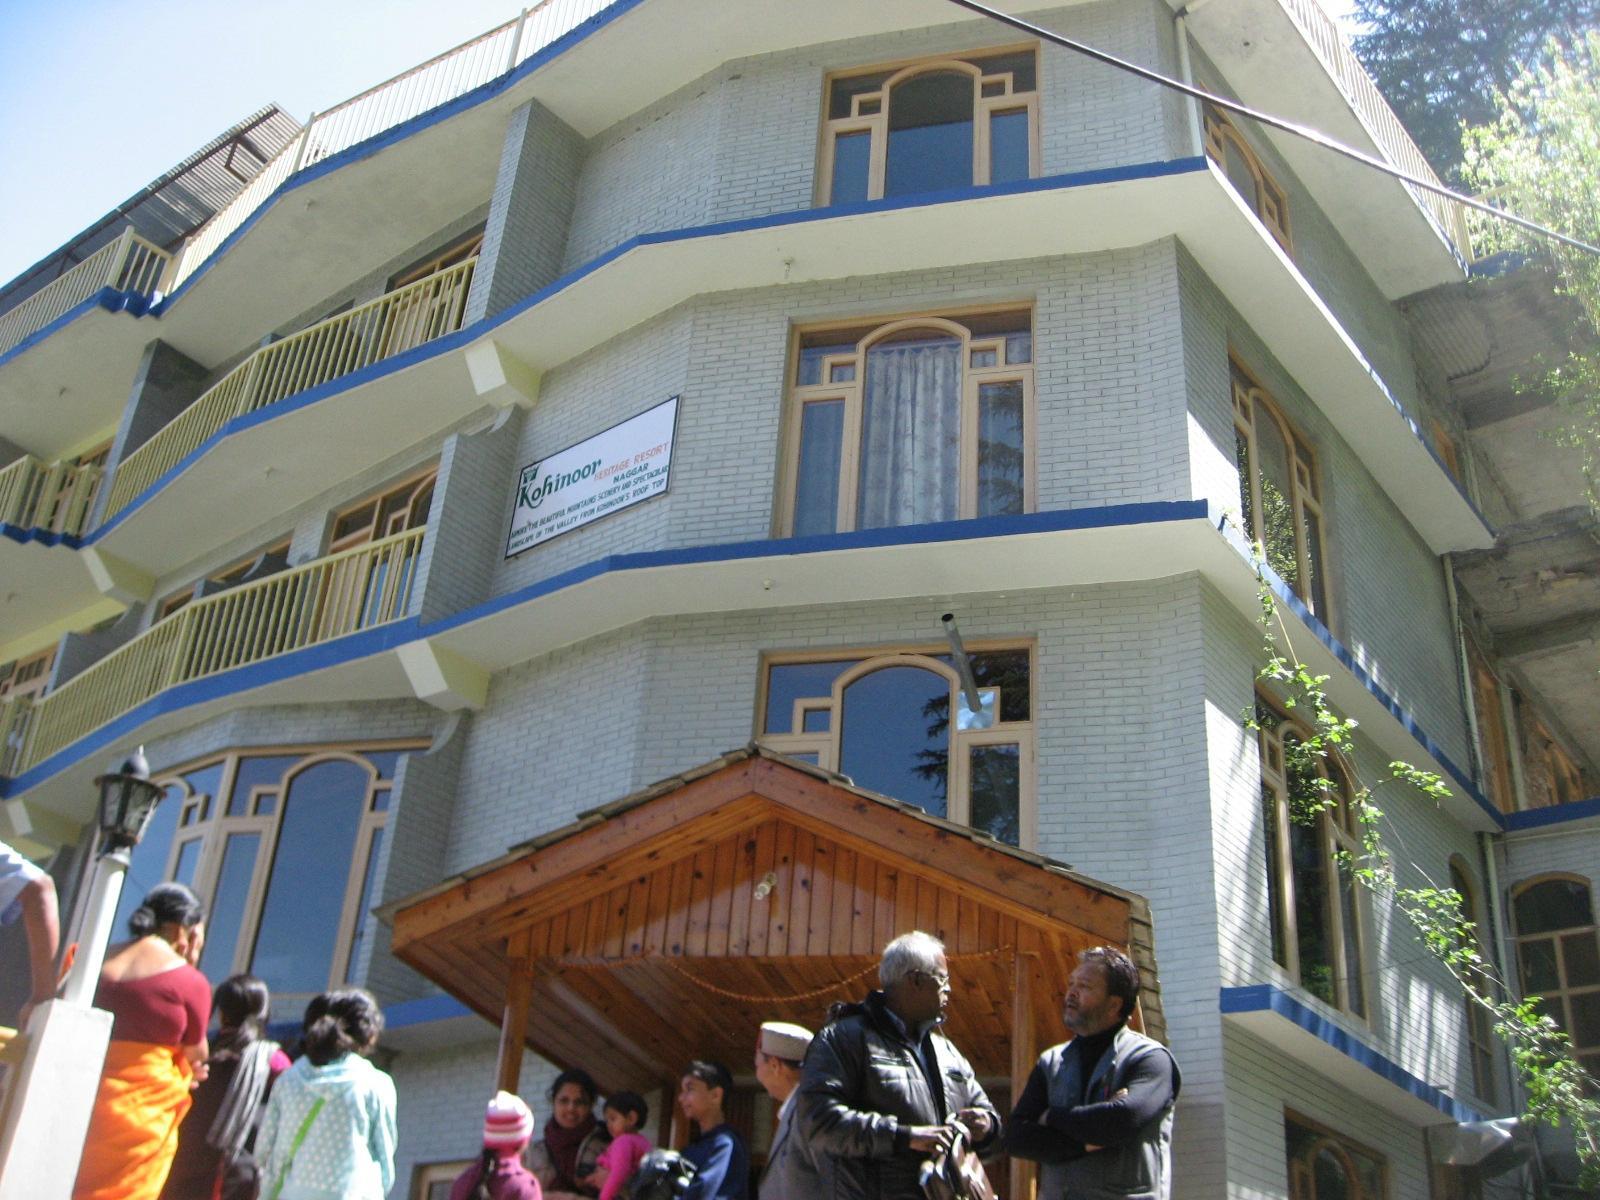 Kohinoor Resort